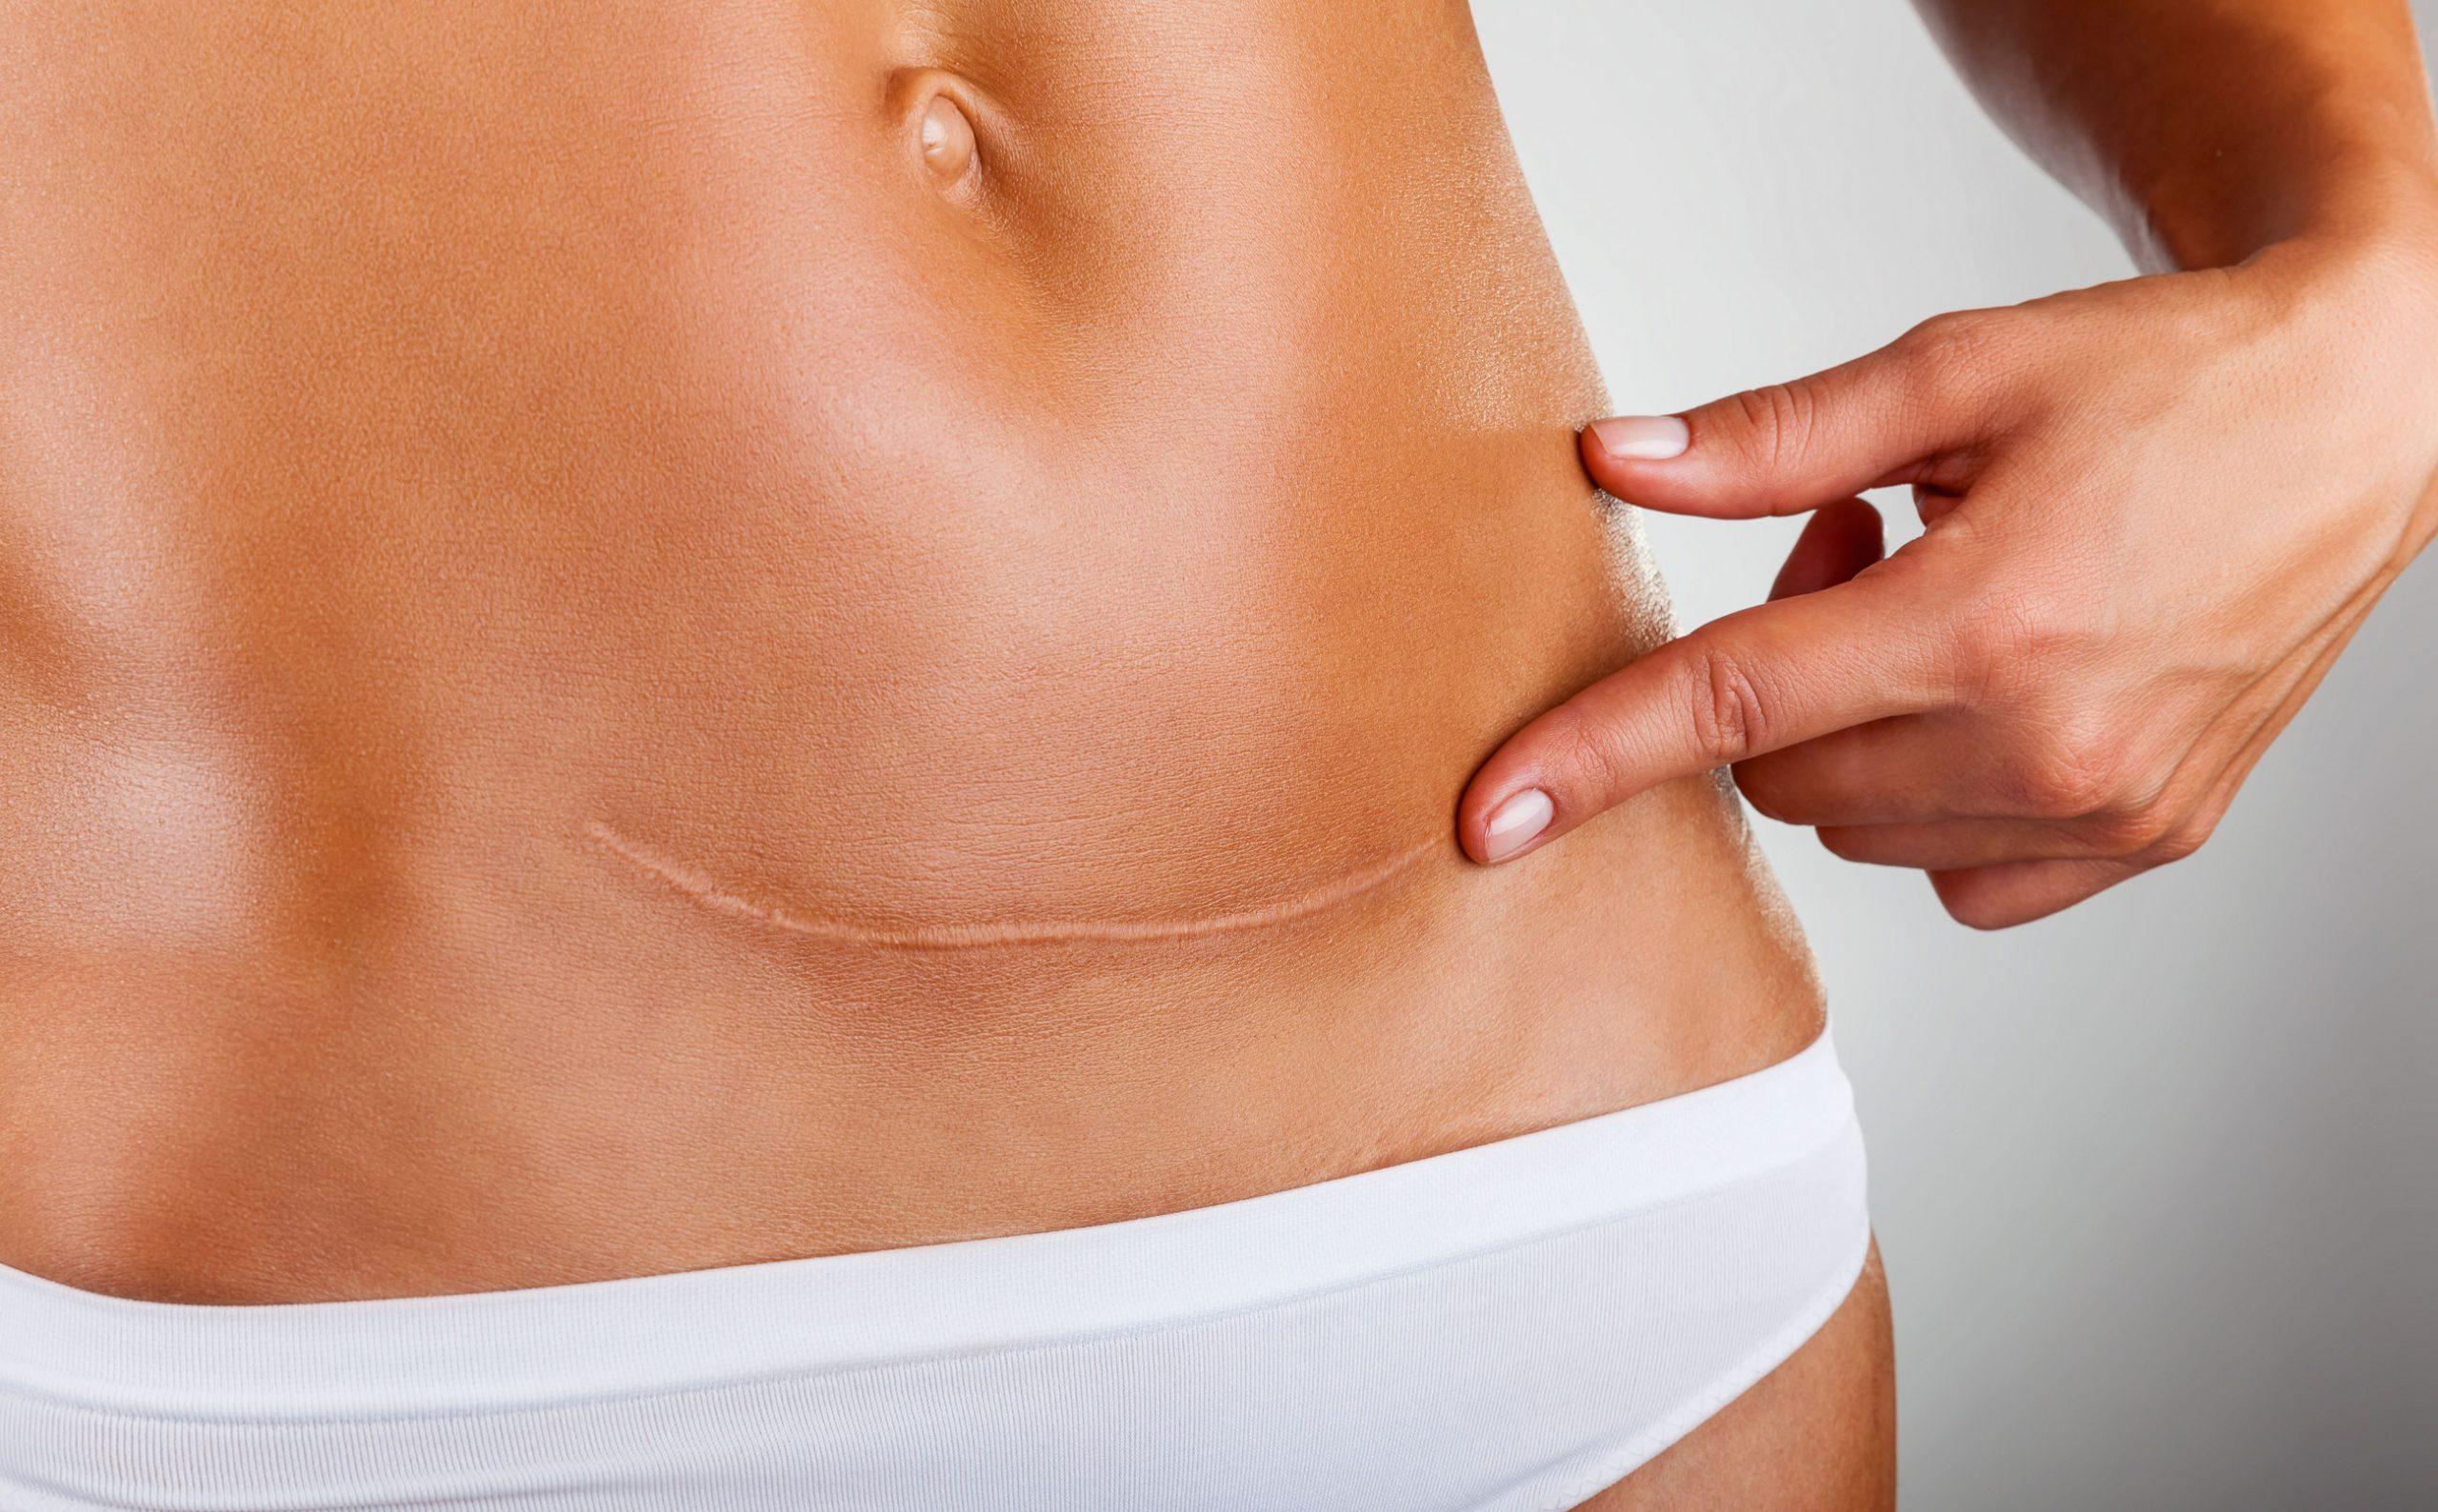 Шрамы на теле – больше это не проблема!